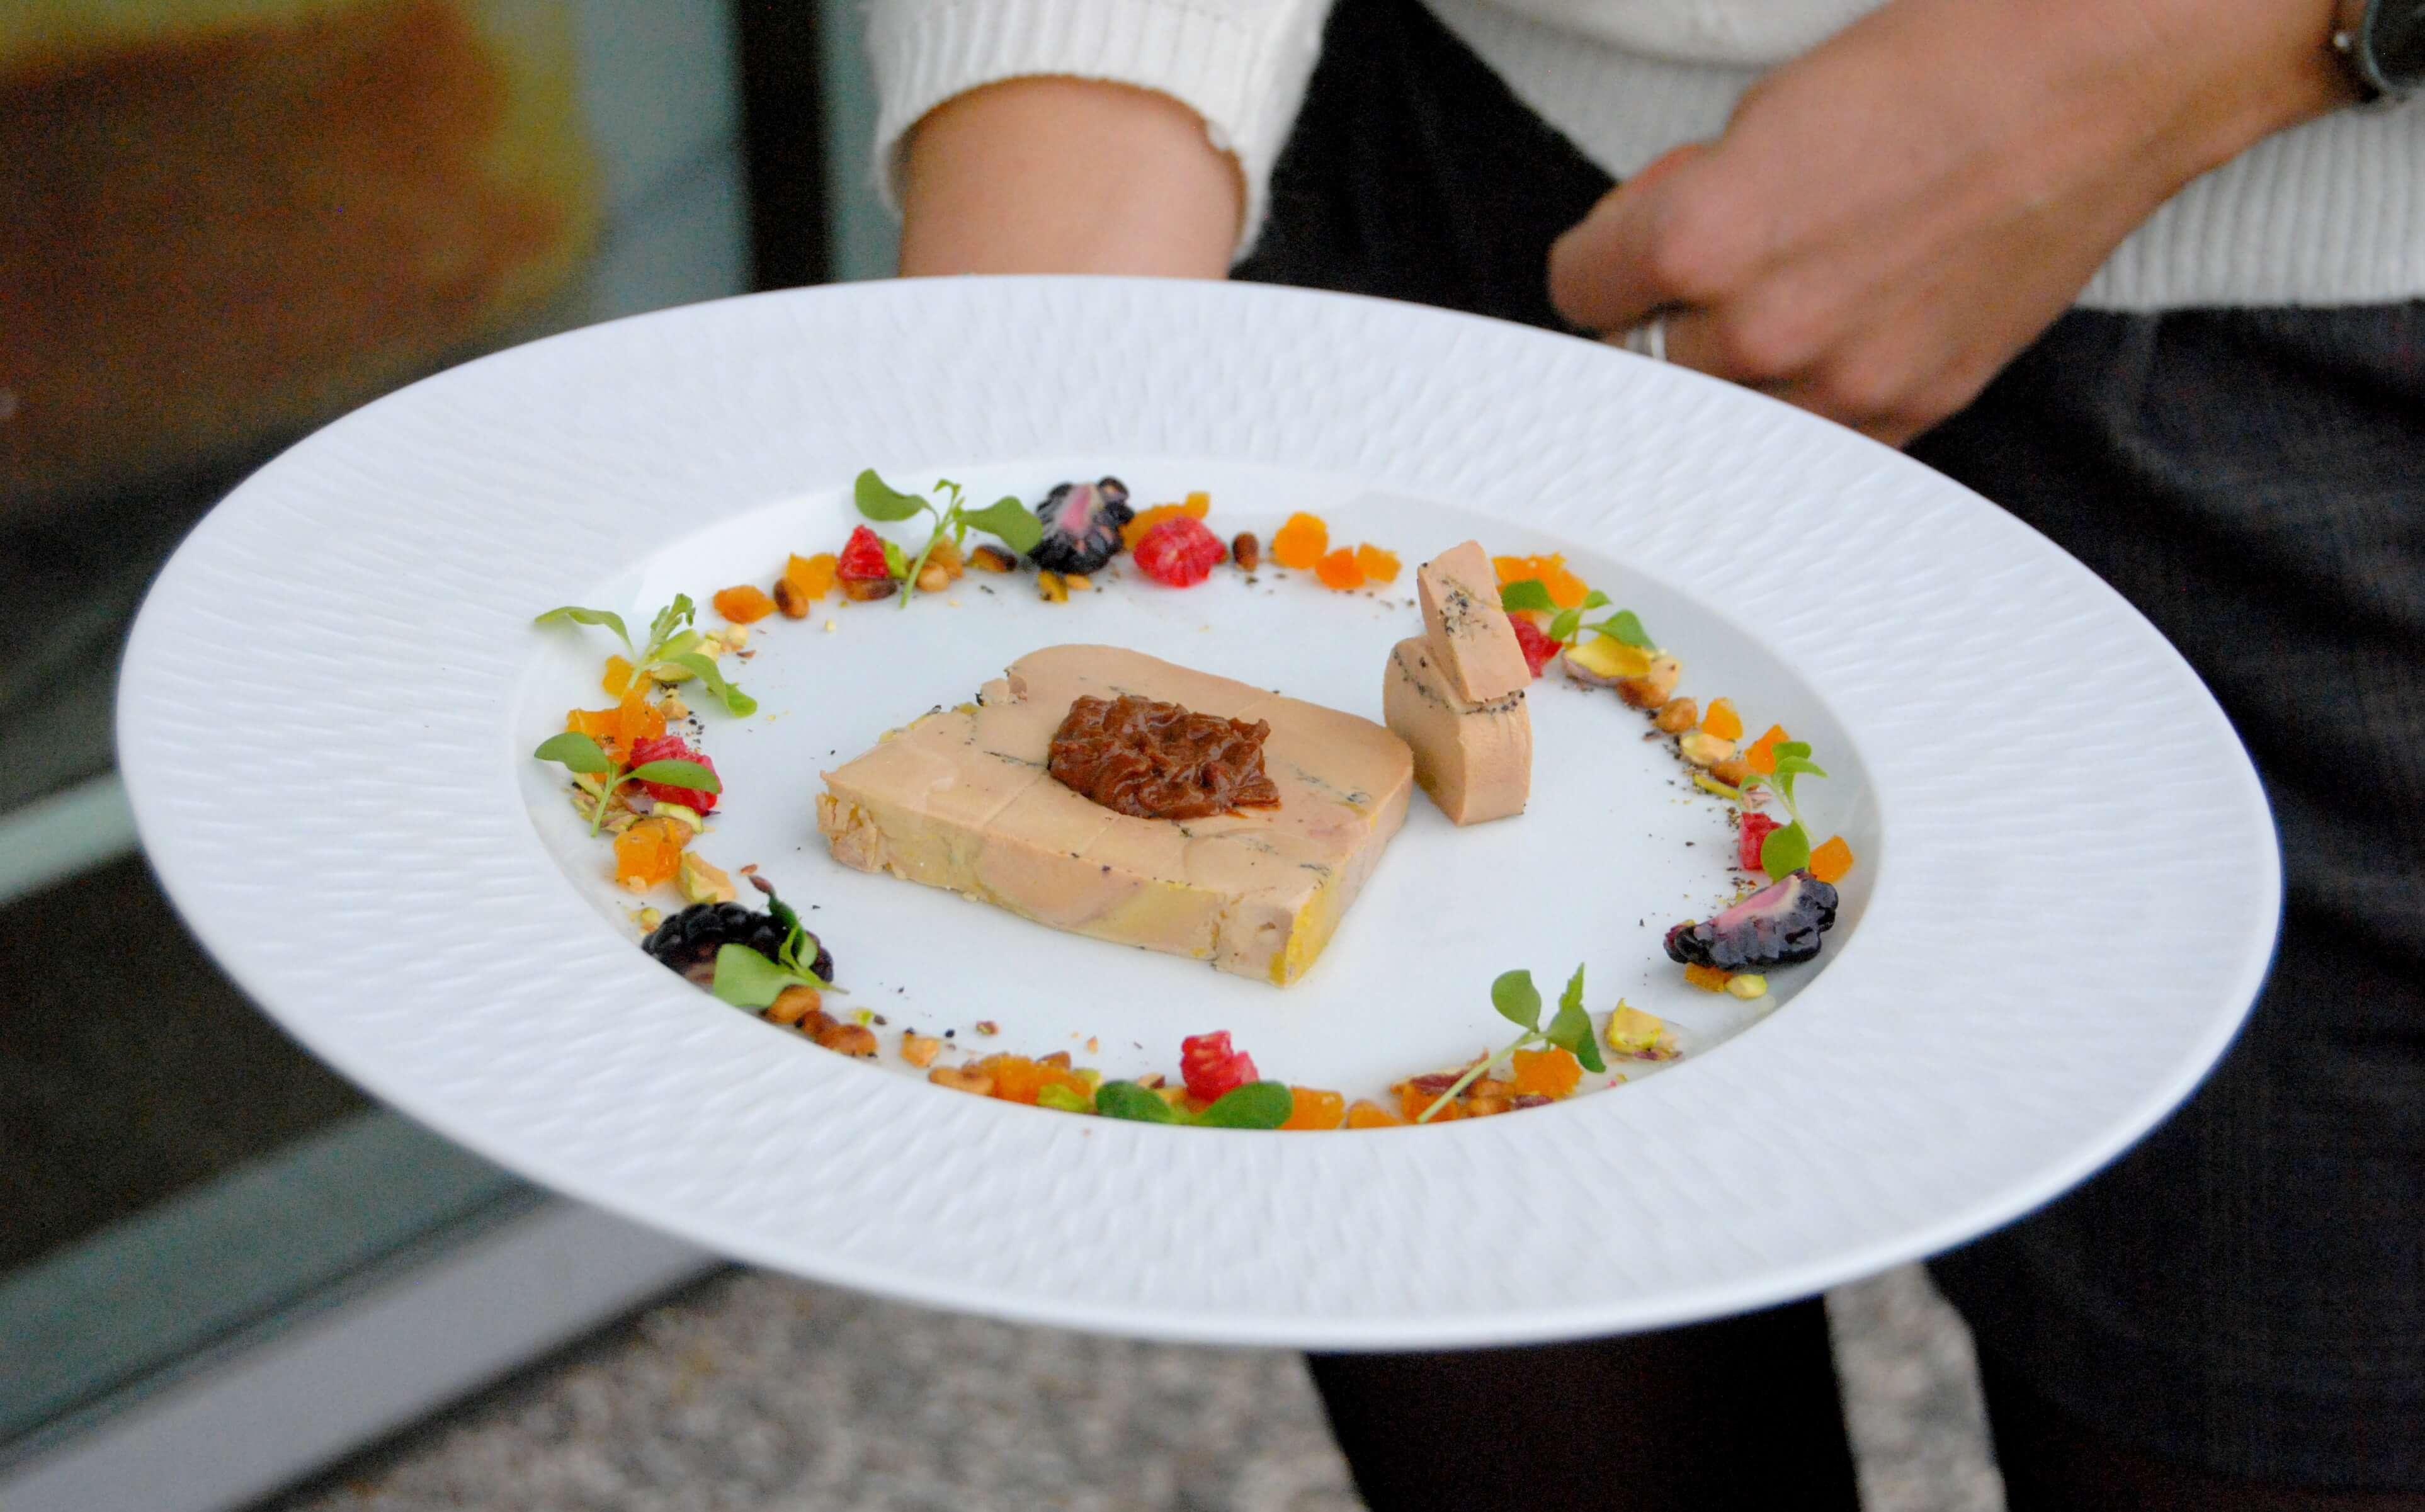 comment dresser une assiette de foie gras